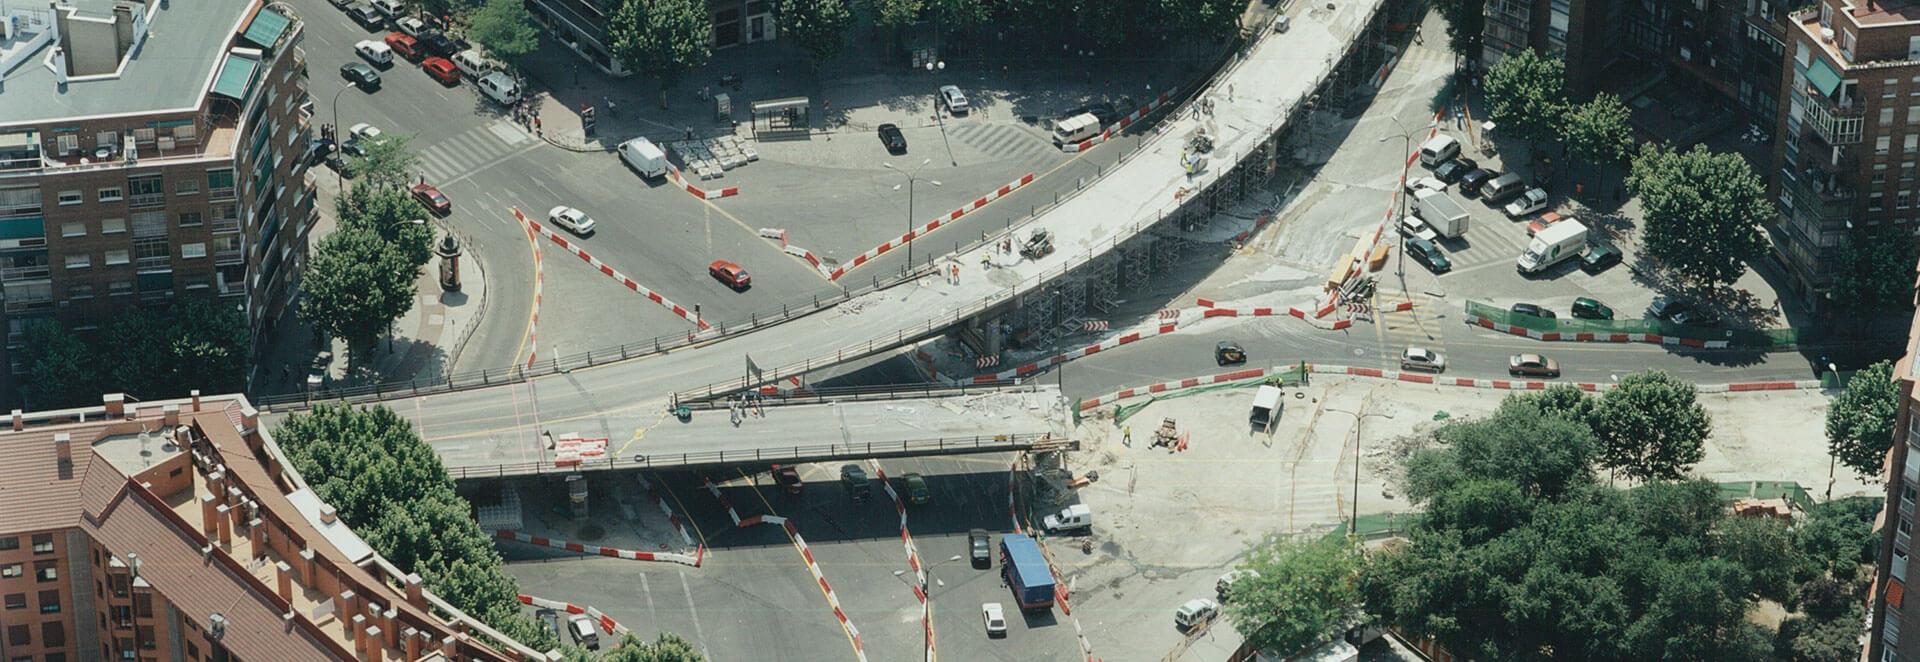 Demolición de infraestructuras - AG Construcciones